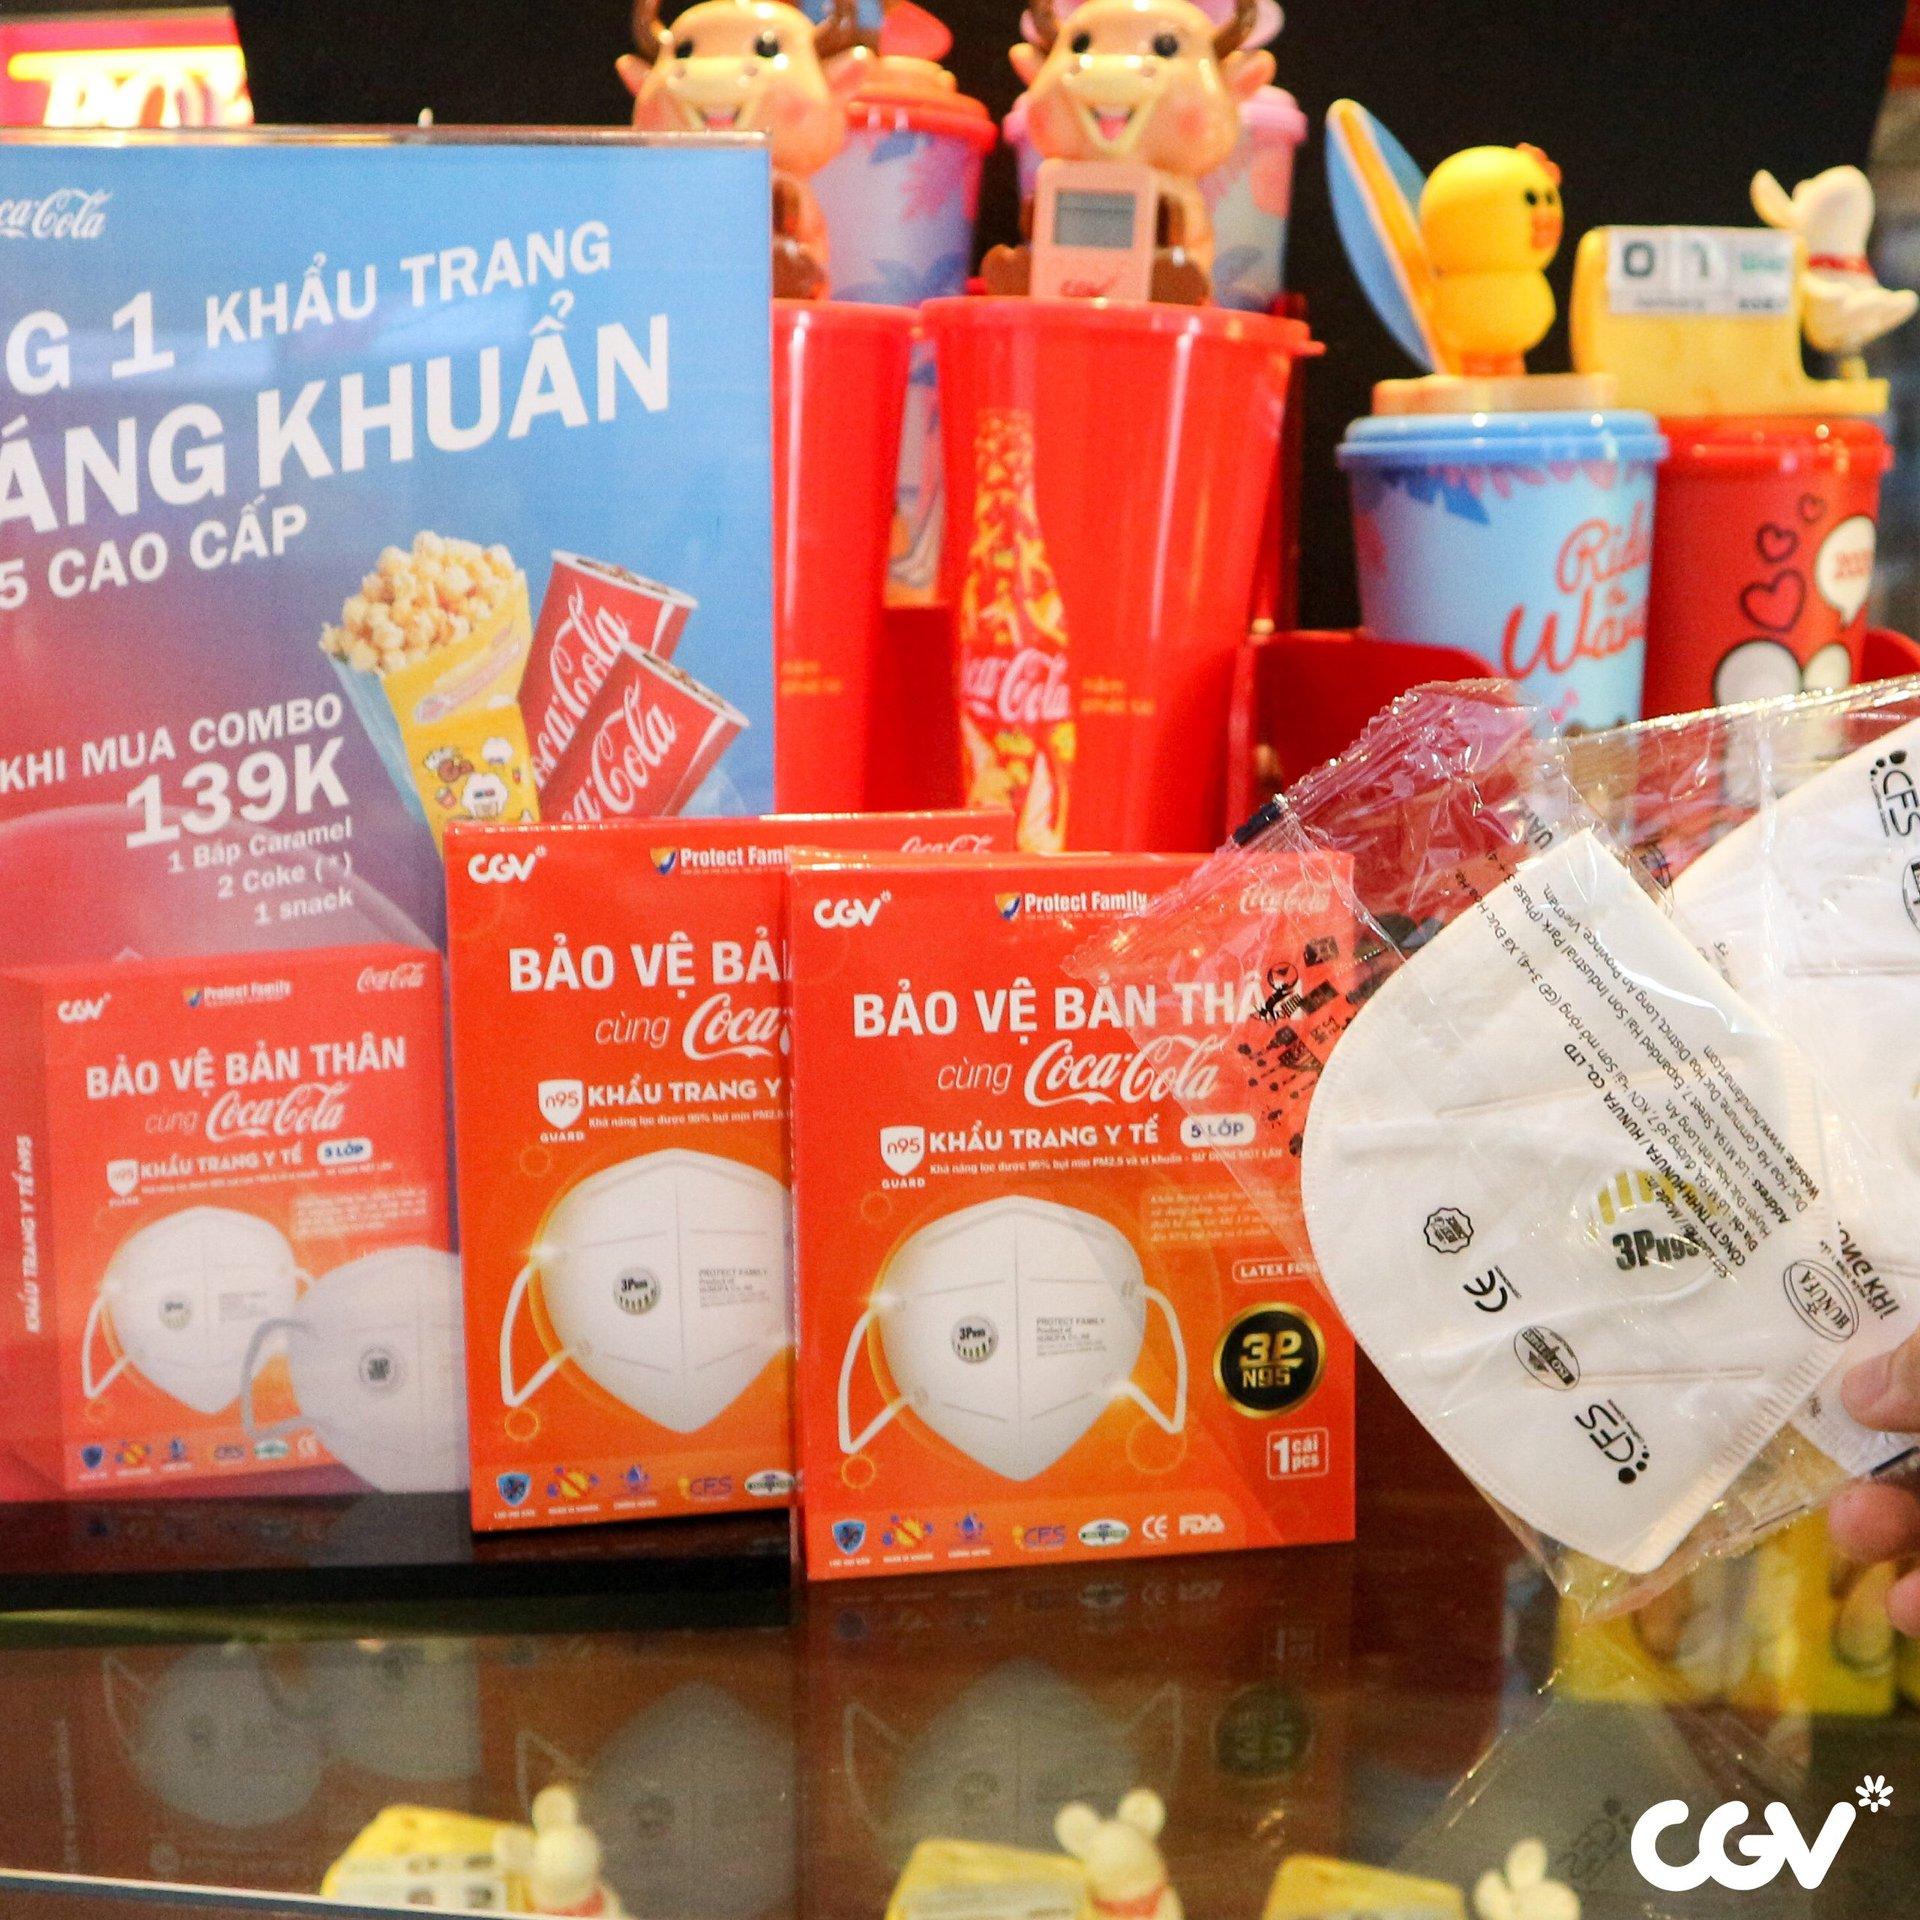 CGV khuyến mãi tháng 4: Vé xem phim giá 19.000 đồng, mua combo bắp nước tặng khẩu trang - Ảnh 4.